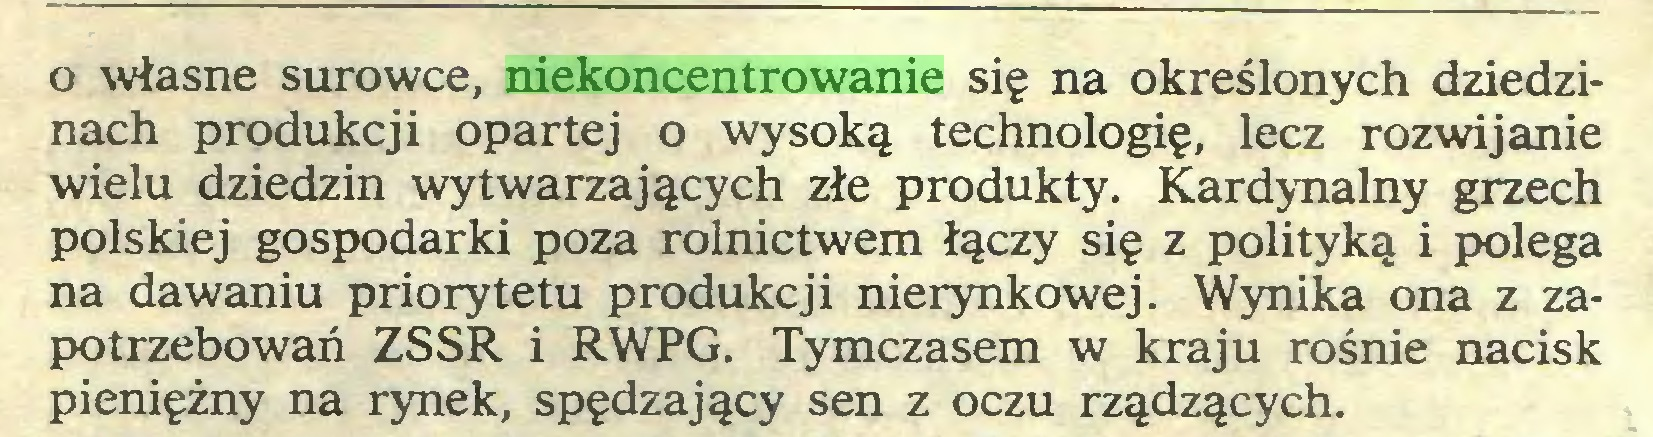 (...) o własne surowce, niekoncentrowanie się na określonych dziedzinach produkcji opartej o wysoką technologię, lecz rozwijanie wielu dziedzin wytwarzających złe produkty. Kardynalny grzech polskiej gospodarki poza rolnictwem łączy się z polityką i polega na dawaniu priorytetu produkcji nierynkowej. Wynika ona z zapotrzebowań ZSSR i RWPG. Tymczasem w kraju rośnie nacisk pieniężny na rynek, spędzający sen z oczu rządzących...